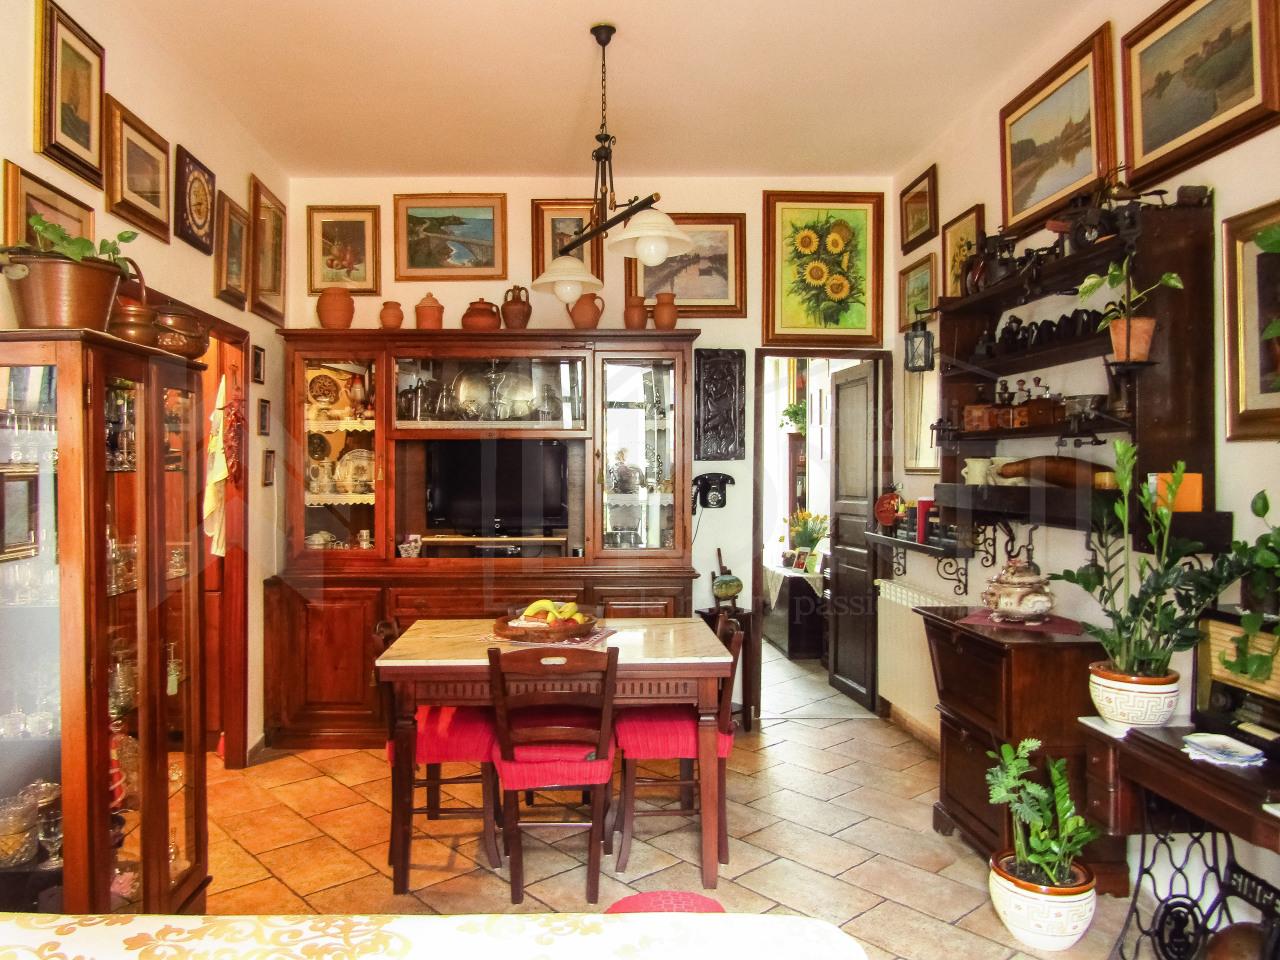 Appartamenti in vendita a livorno. I migliori immobili a livorno ...